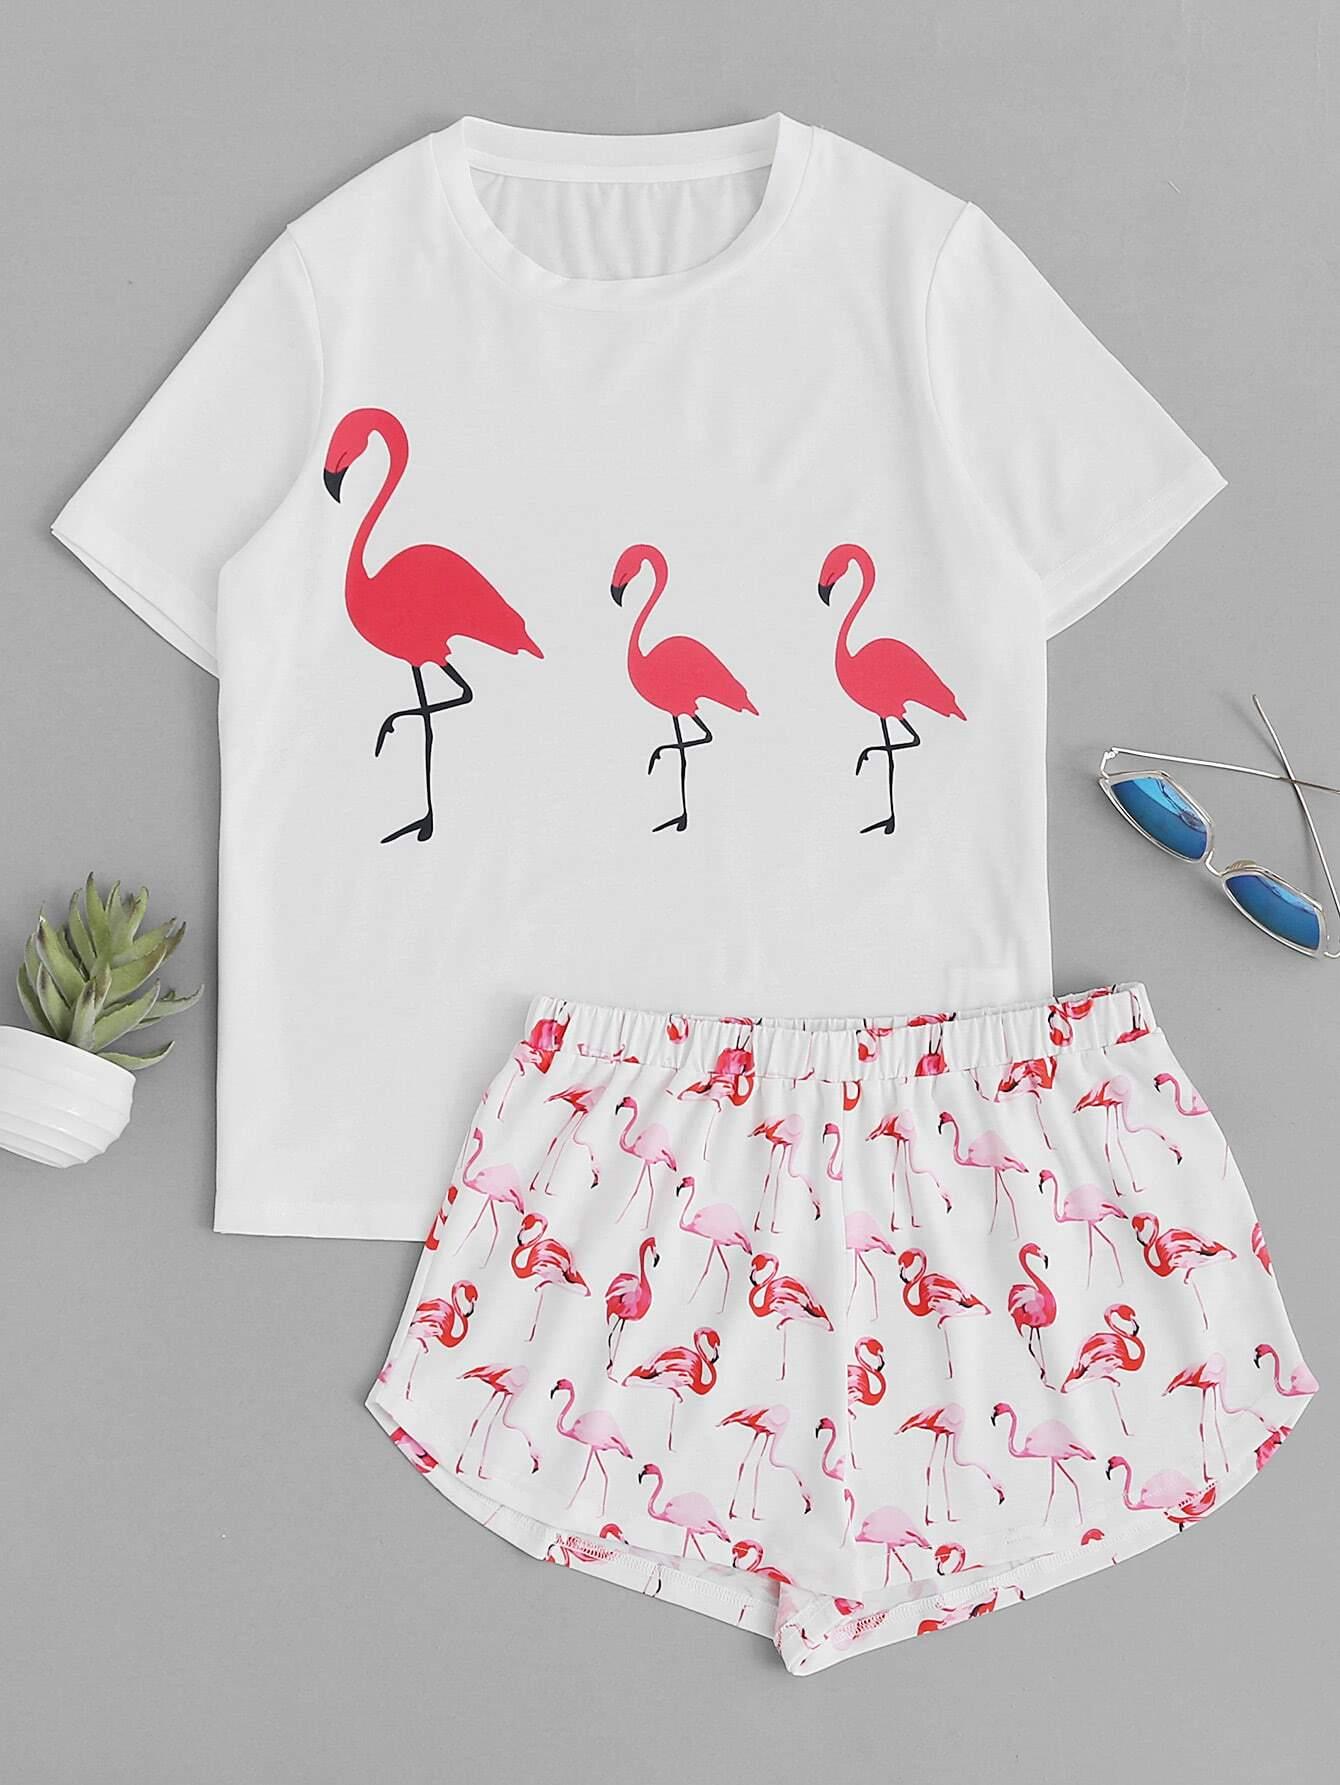 Фото Allover Flamingo Print Top With Shorts Pajama Set. Купить с доставкой